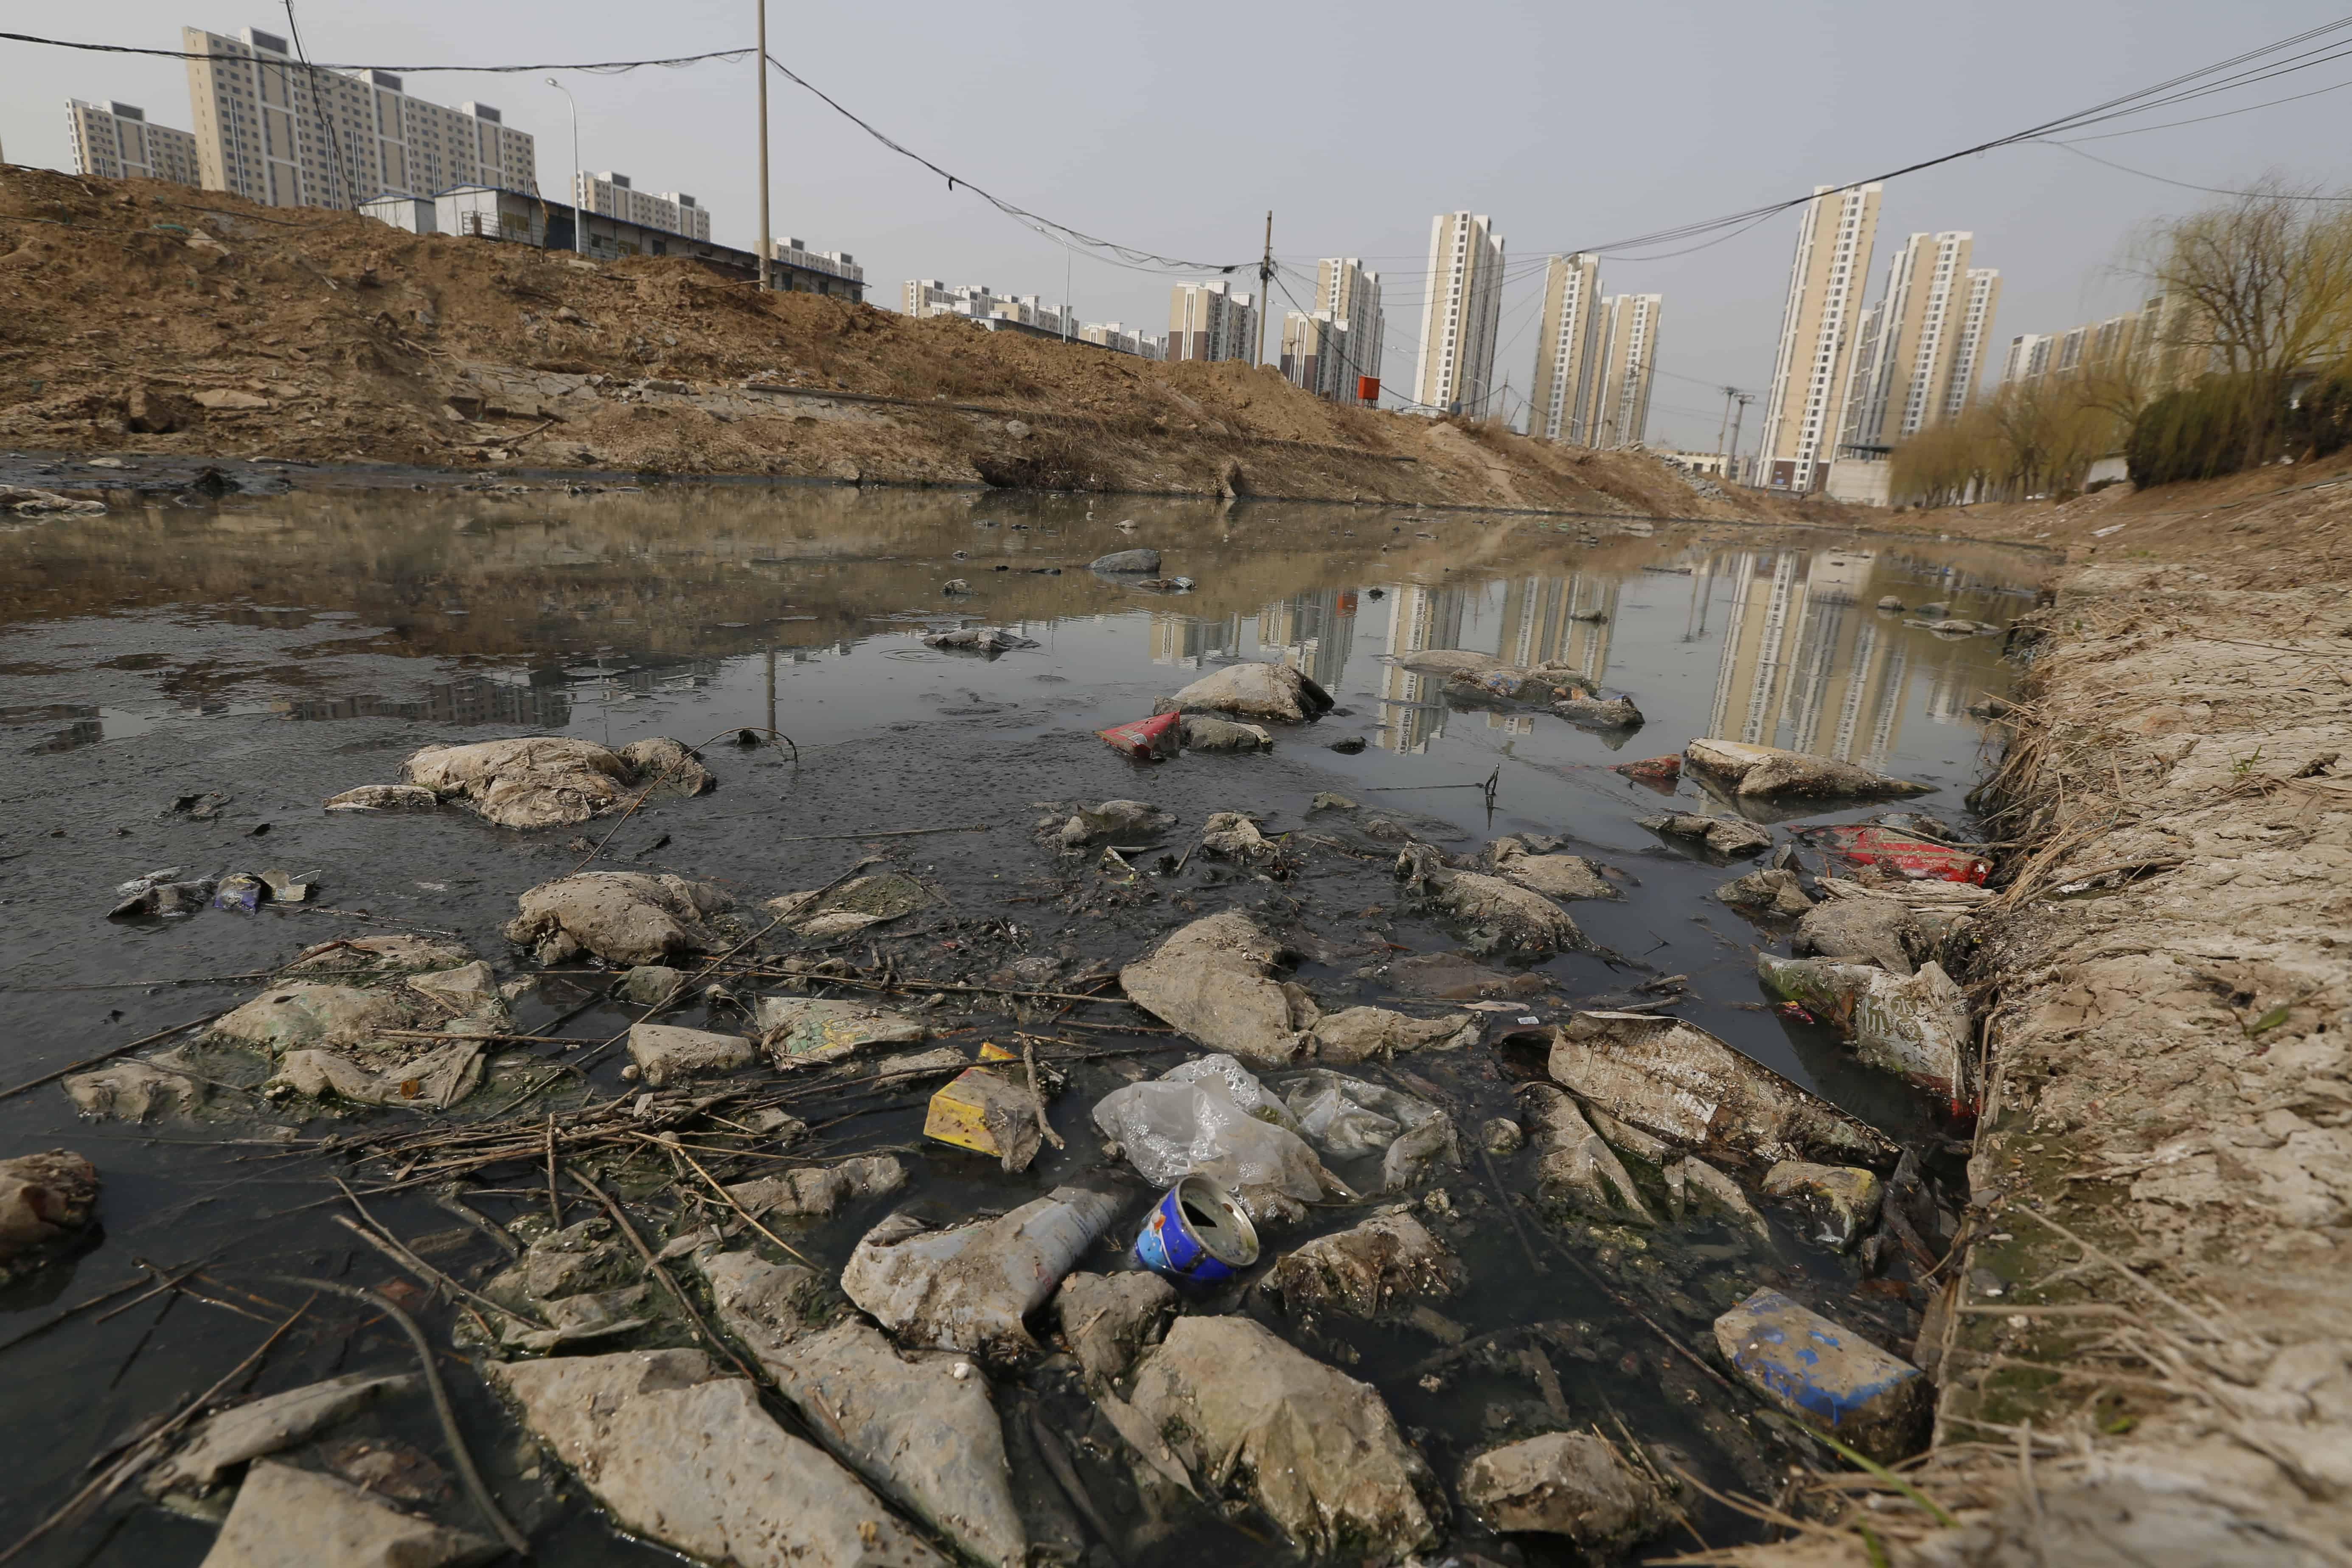 Une rivière polluée regorgeant de déchets plastiques en Chine avec des gratte-ciels à l'arrière-plan.